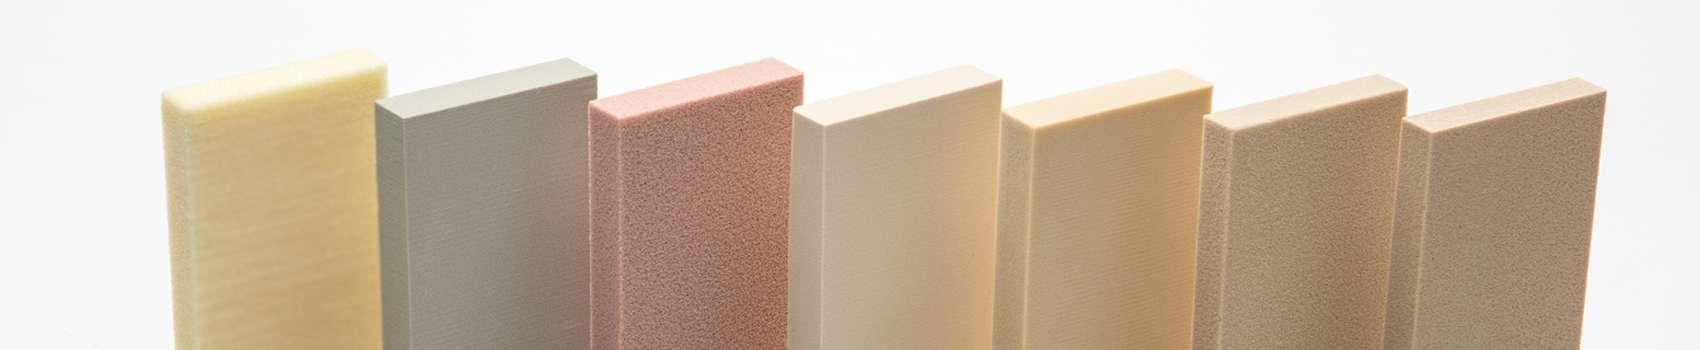 Rigid Polyurethane Foam Sheets - High Density Hard Foam